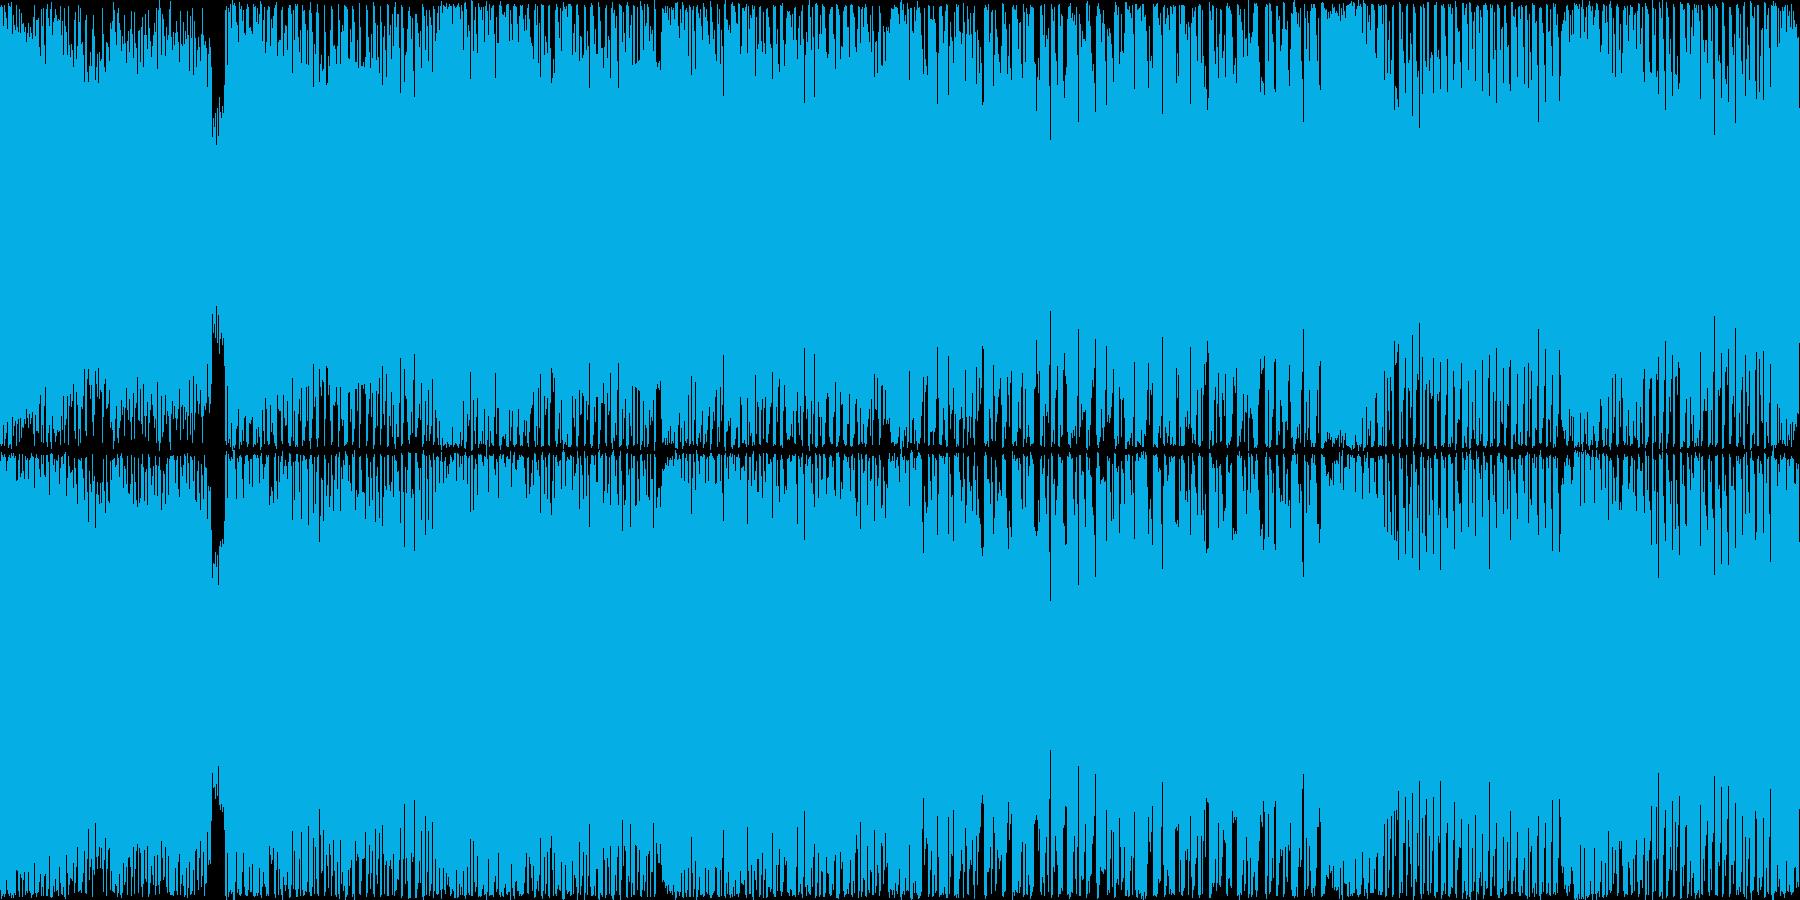 可愛いハイテンポテクノポップ ループ推奨の再生済みの波形